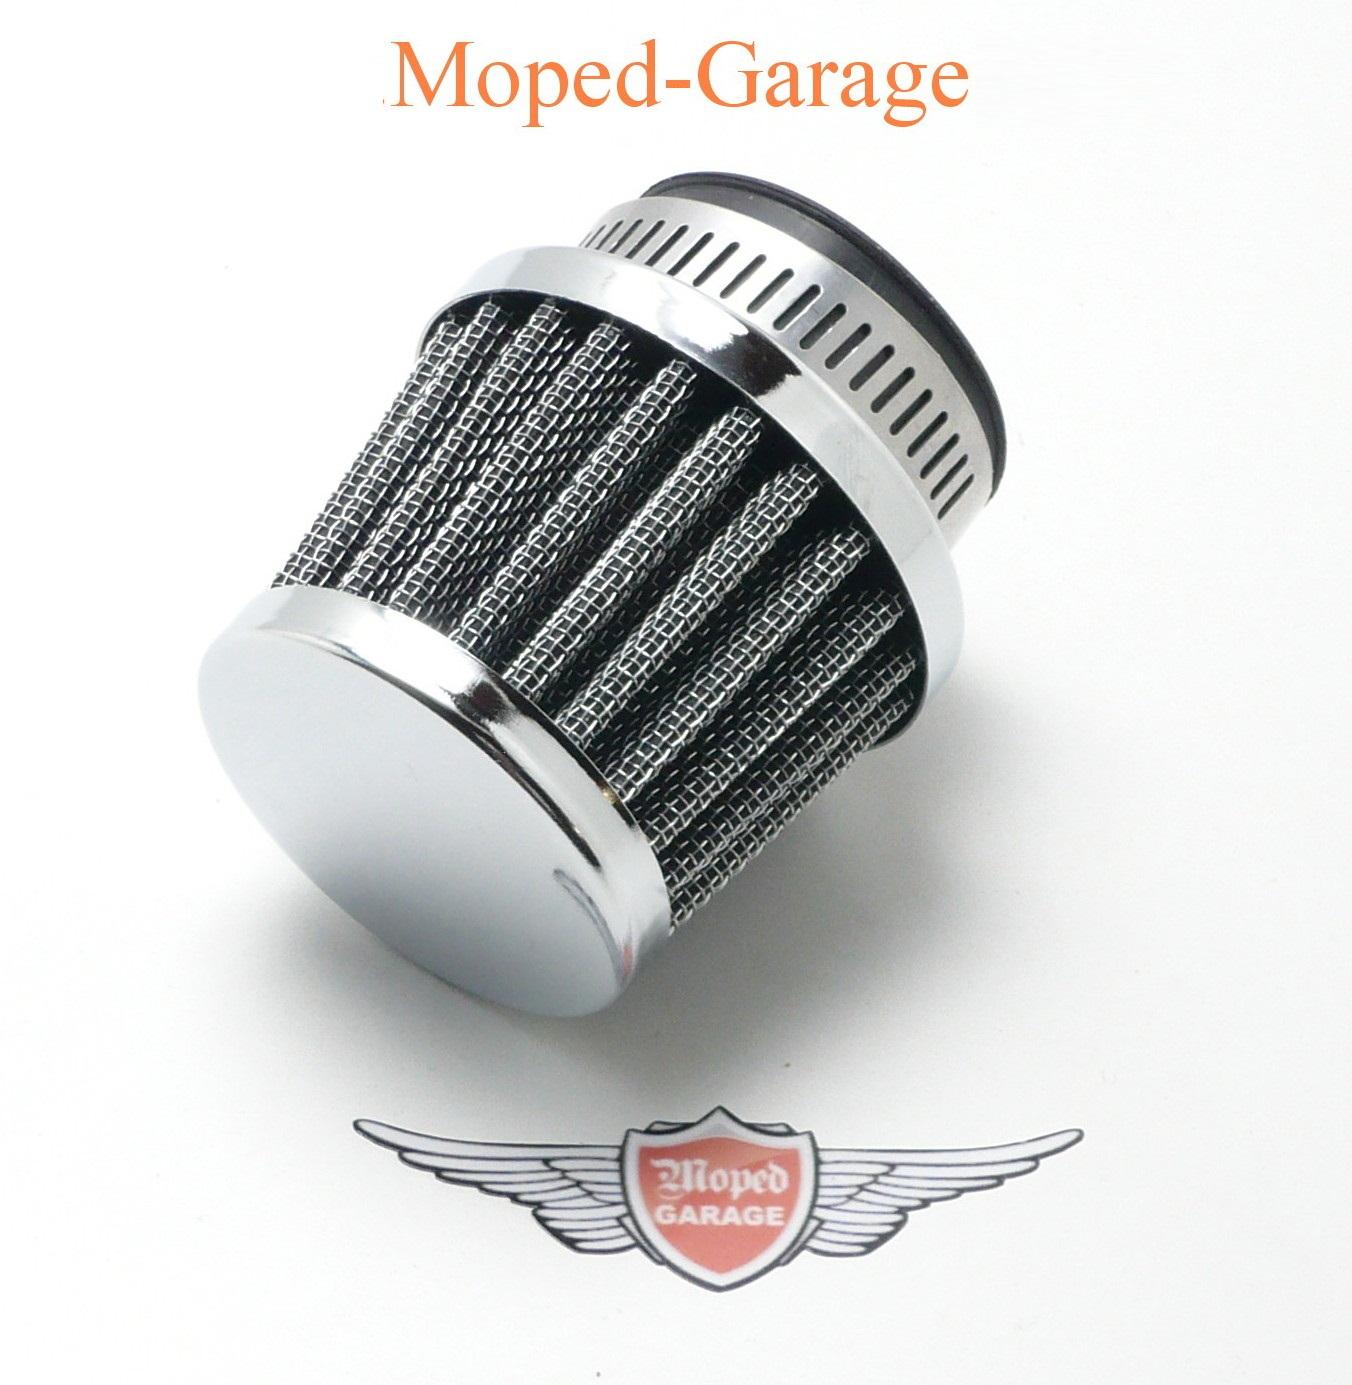 Sport Luftfilter 35mm Für Hercules Mofa Moped Mokick Roller Renn Neu